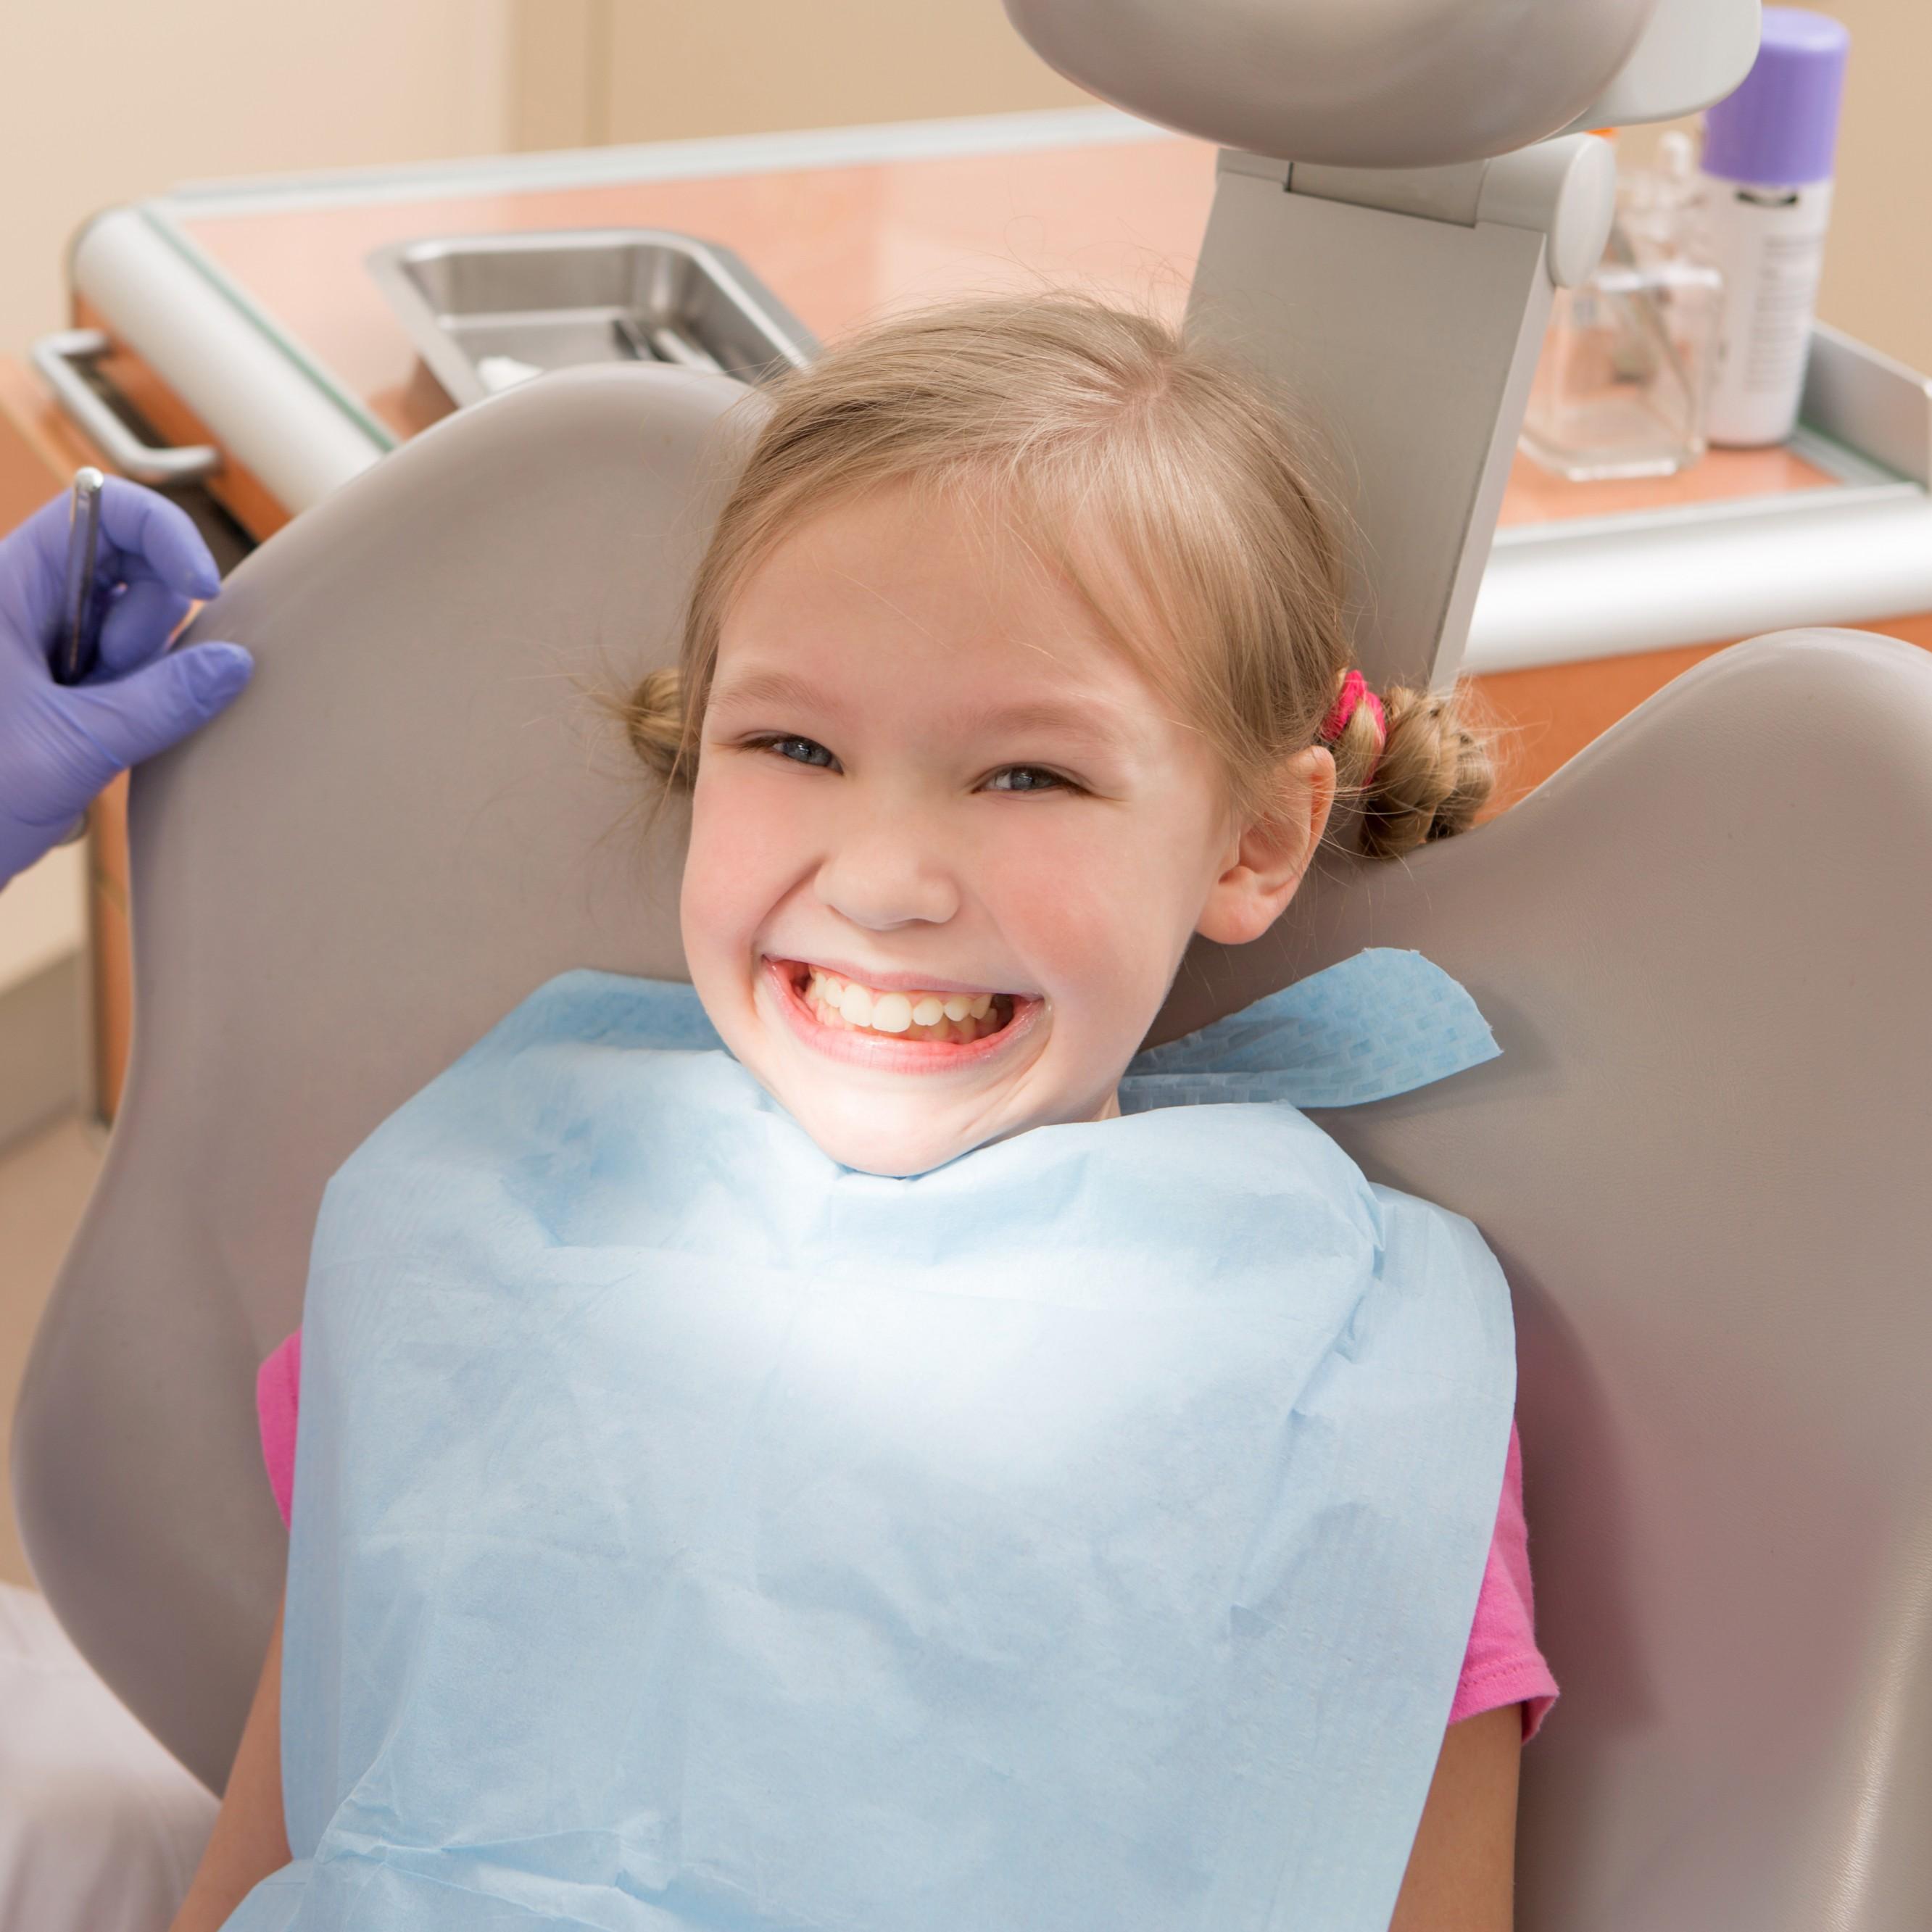 {PJ} dentist for kids